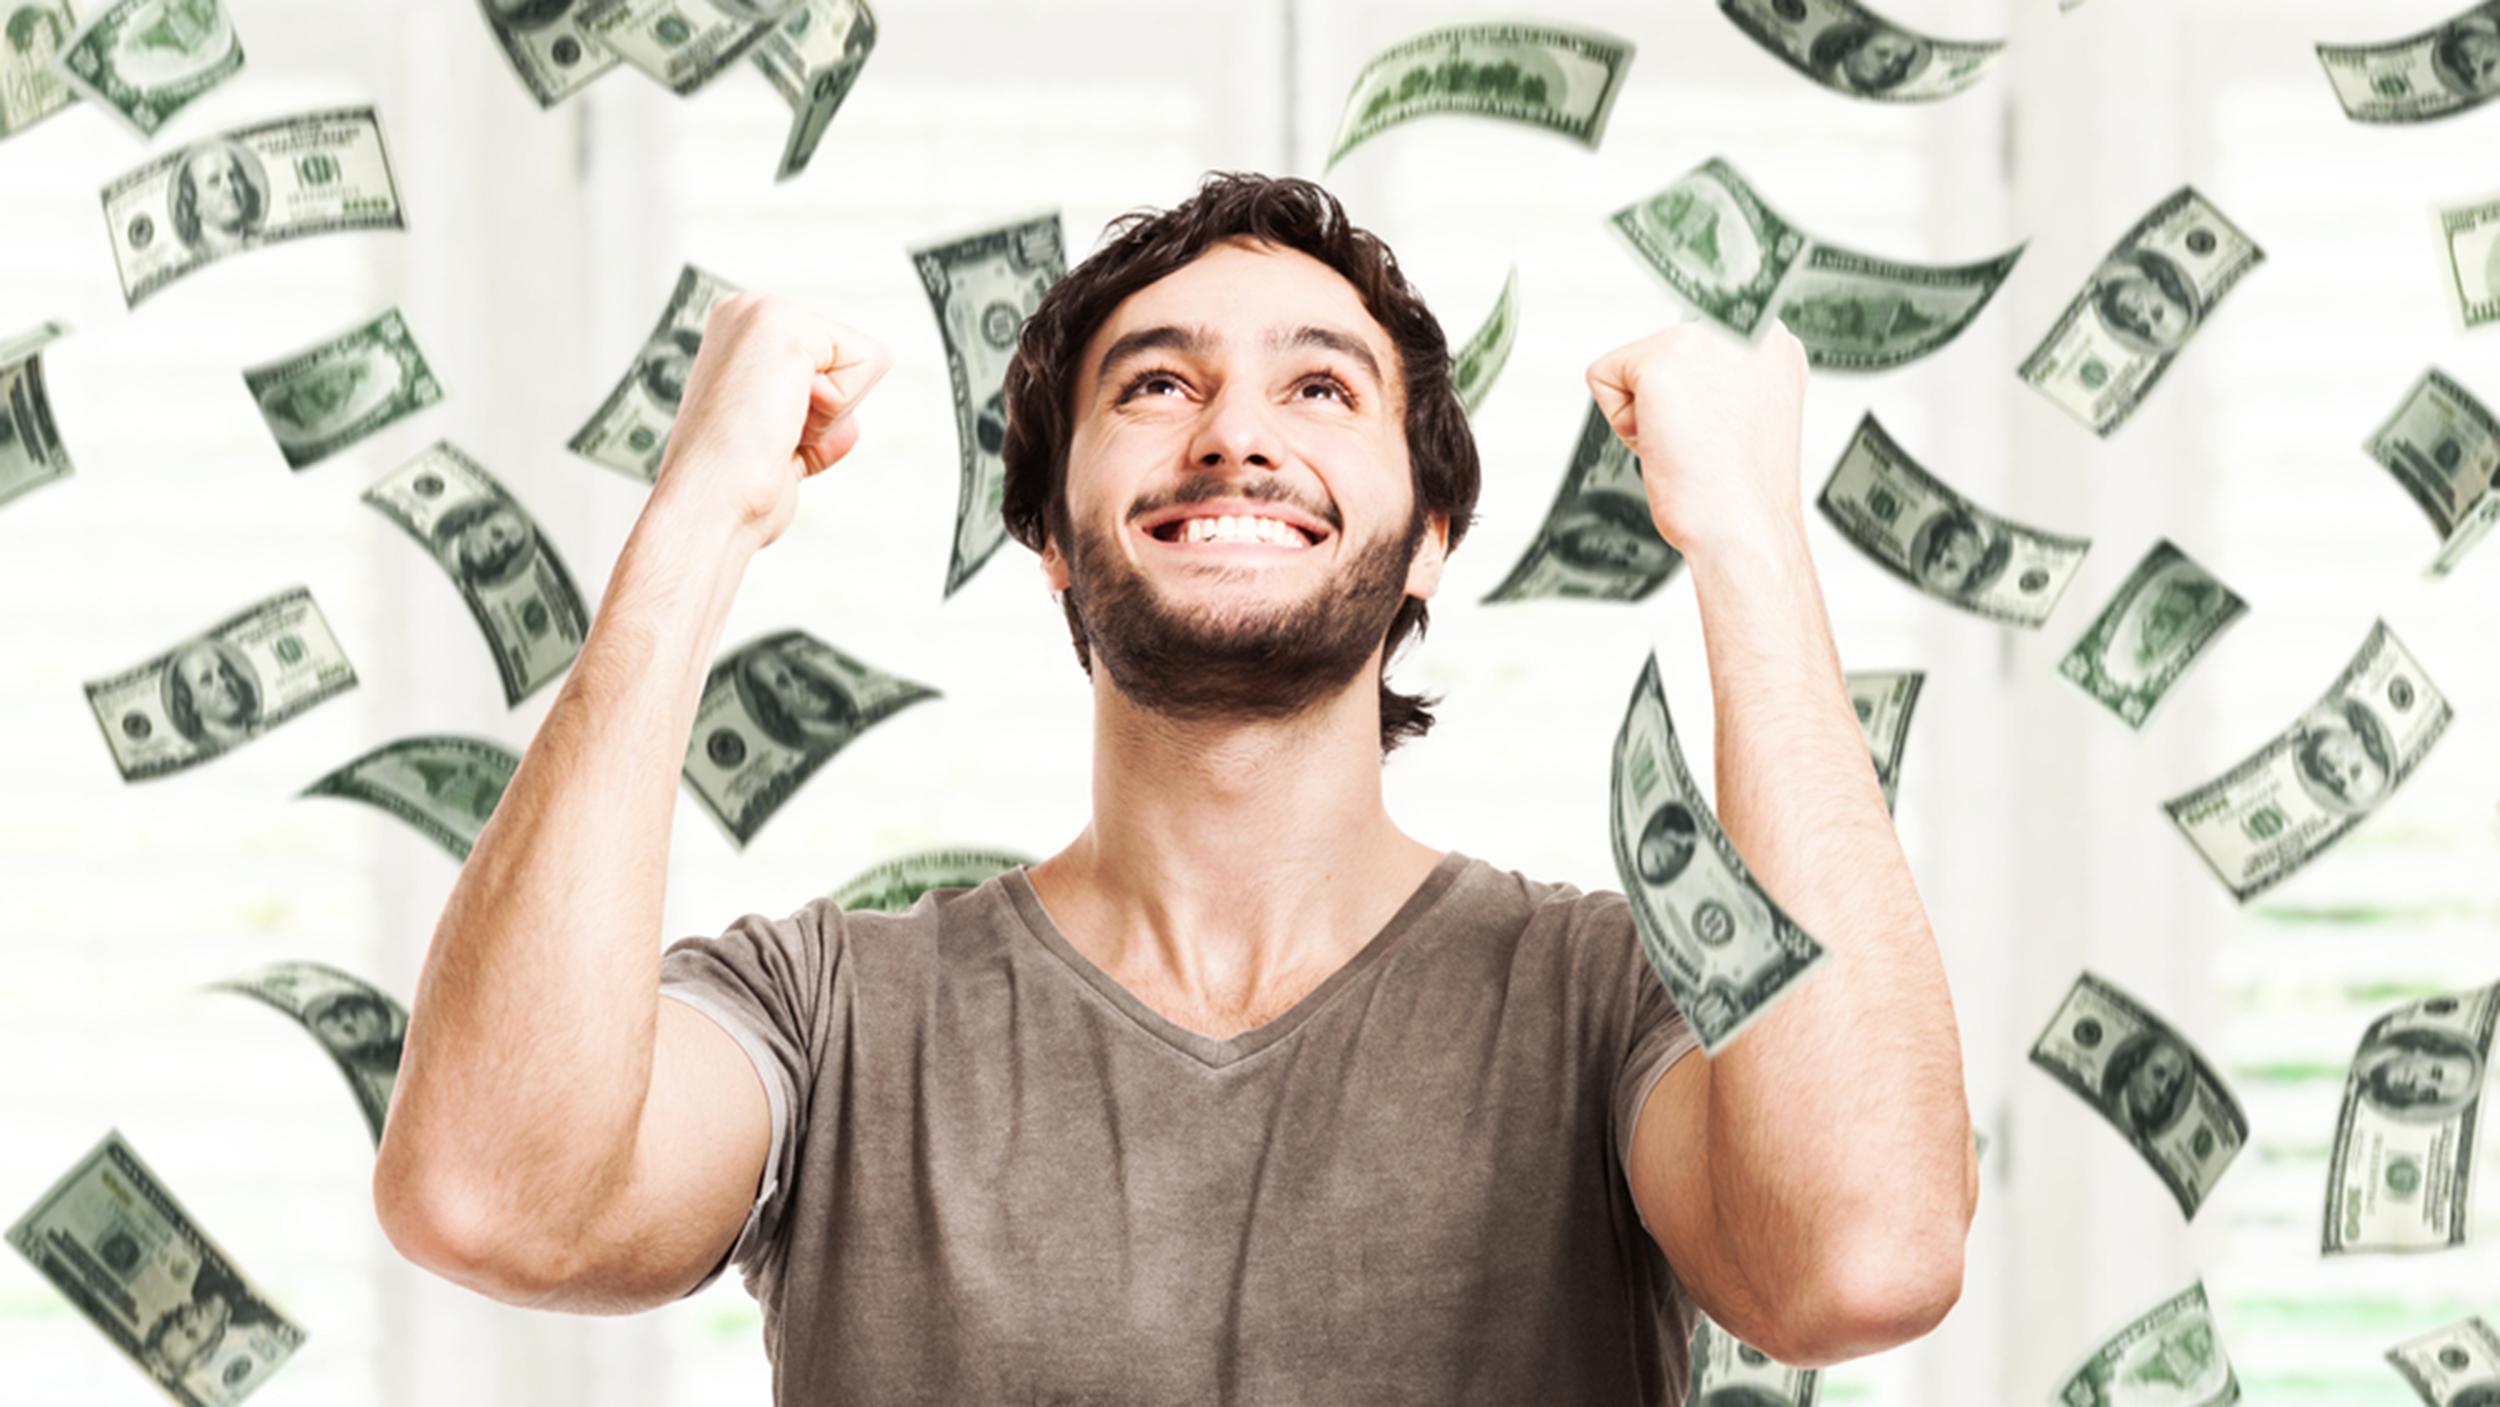 Posibilidades de obtener dinero fácilmente